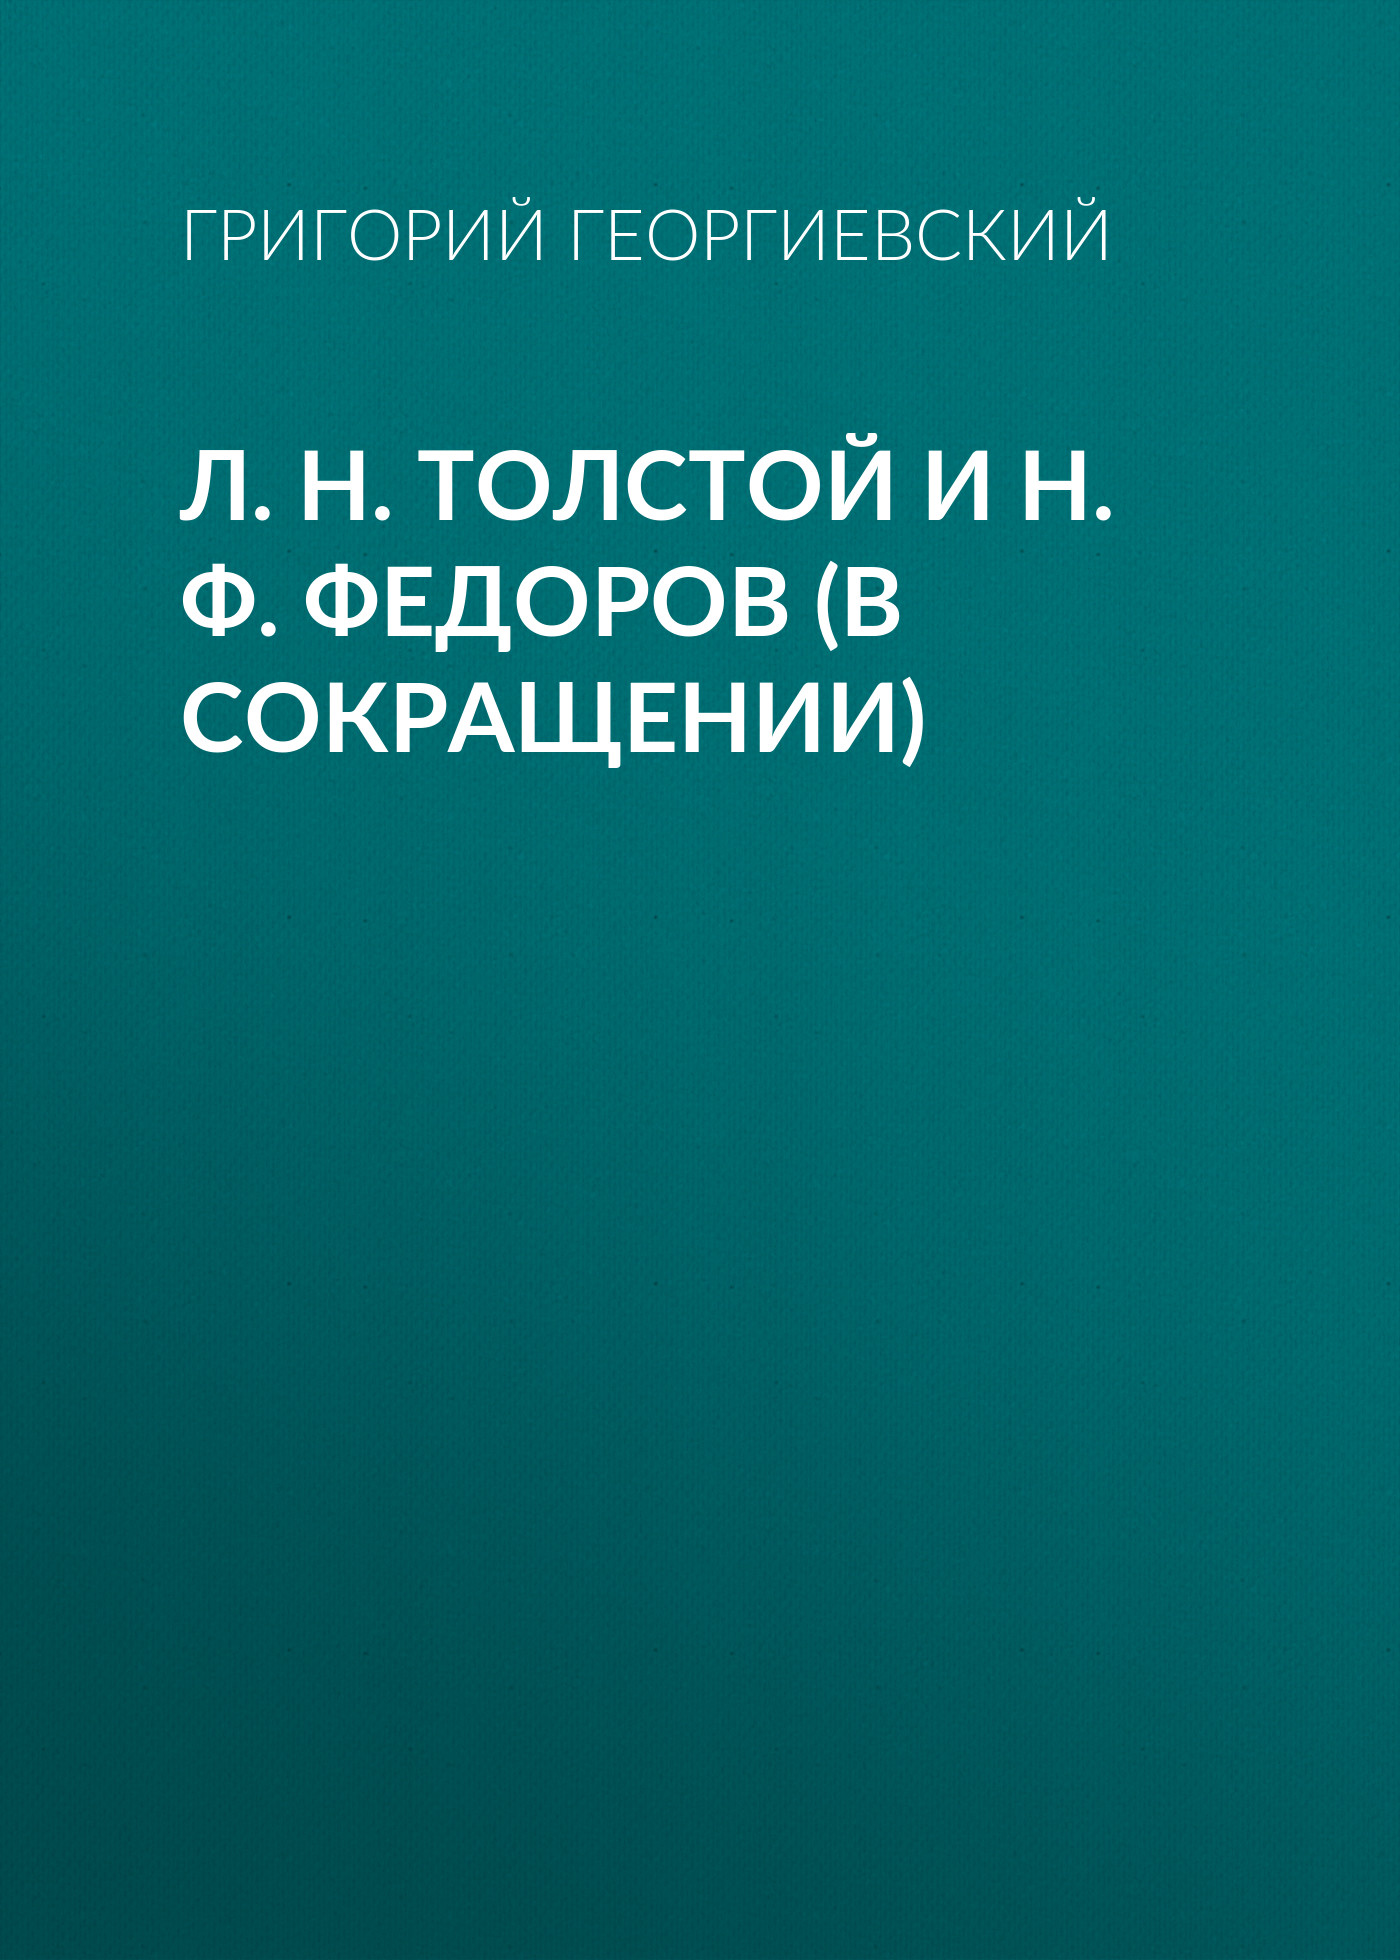 Григорий Георгиевский Л. H. Толстой и Н. Ф. Федоров (в сокращении) григорий георгиевский памяти николая федоровича